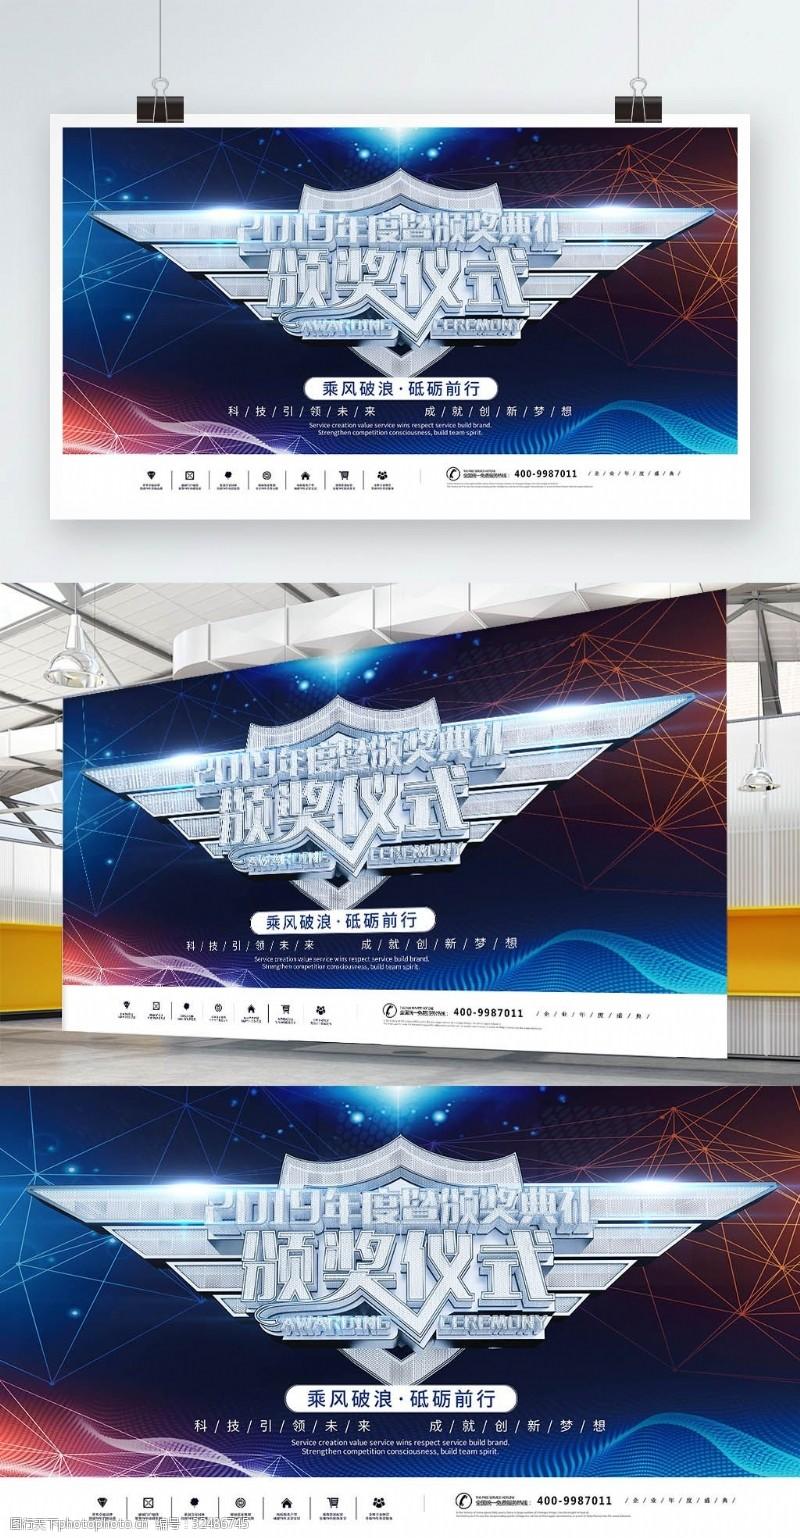 开业盛会蓝色颁奖仪式企业文化庆典